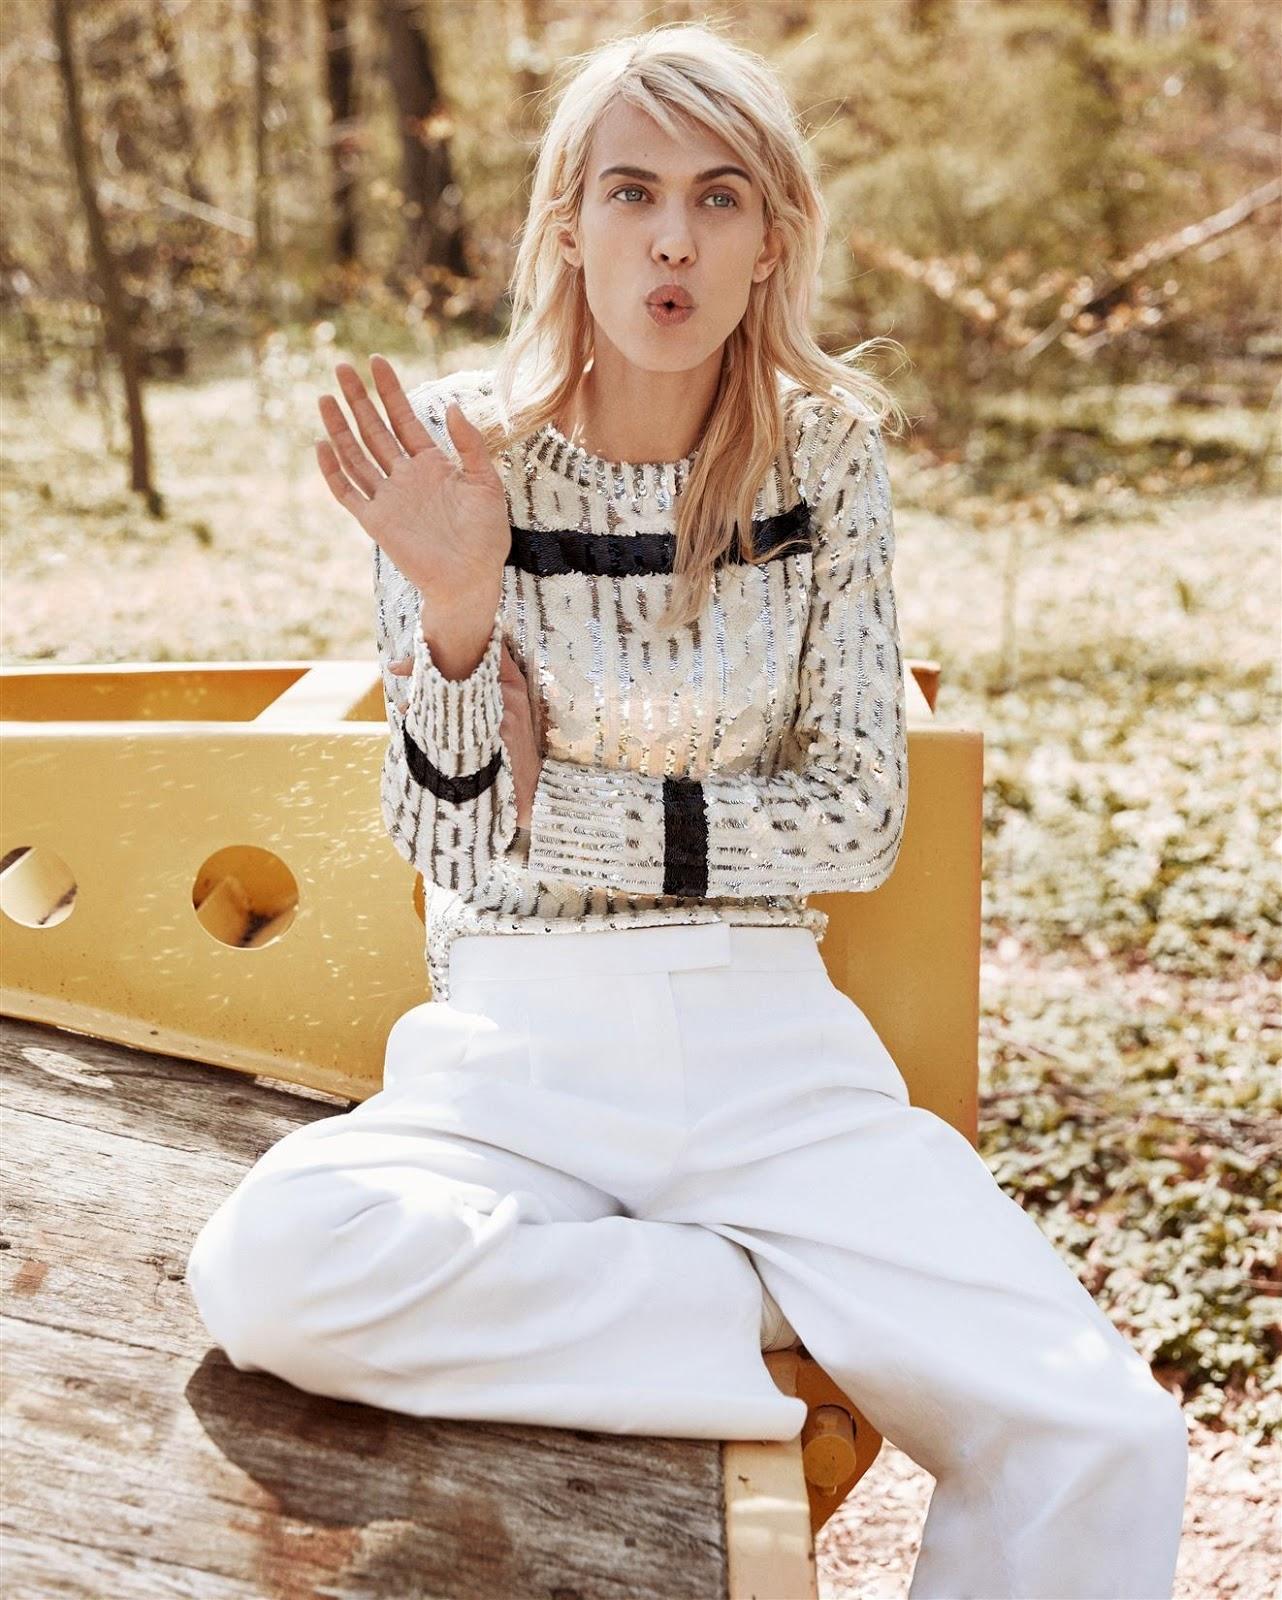 Cass Bird: Aymeline Valade By Cass Bird For Vogue Korea June 2015